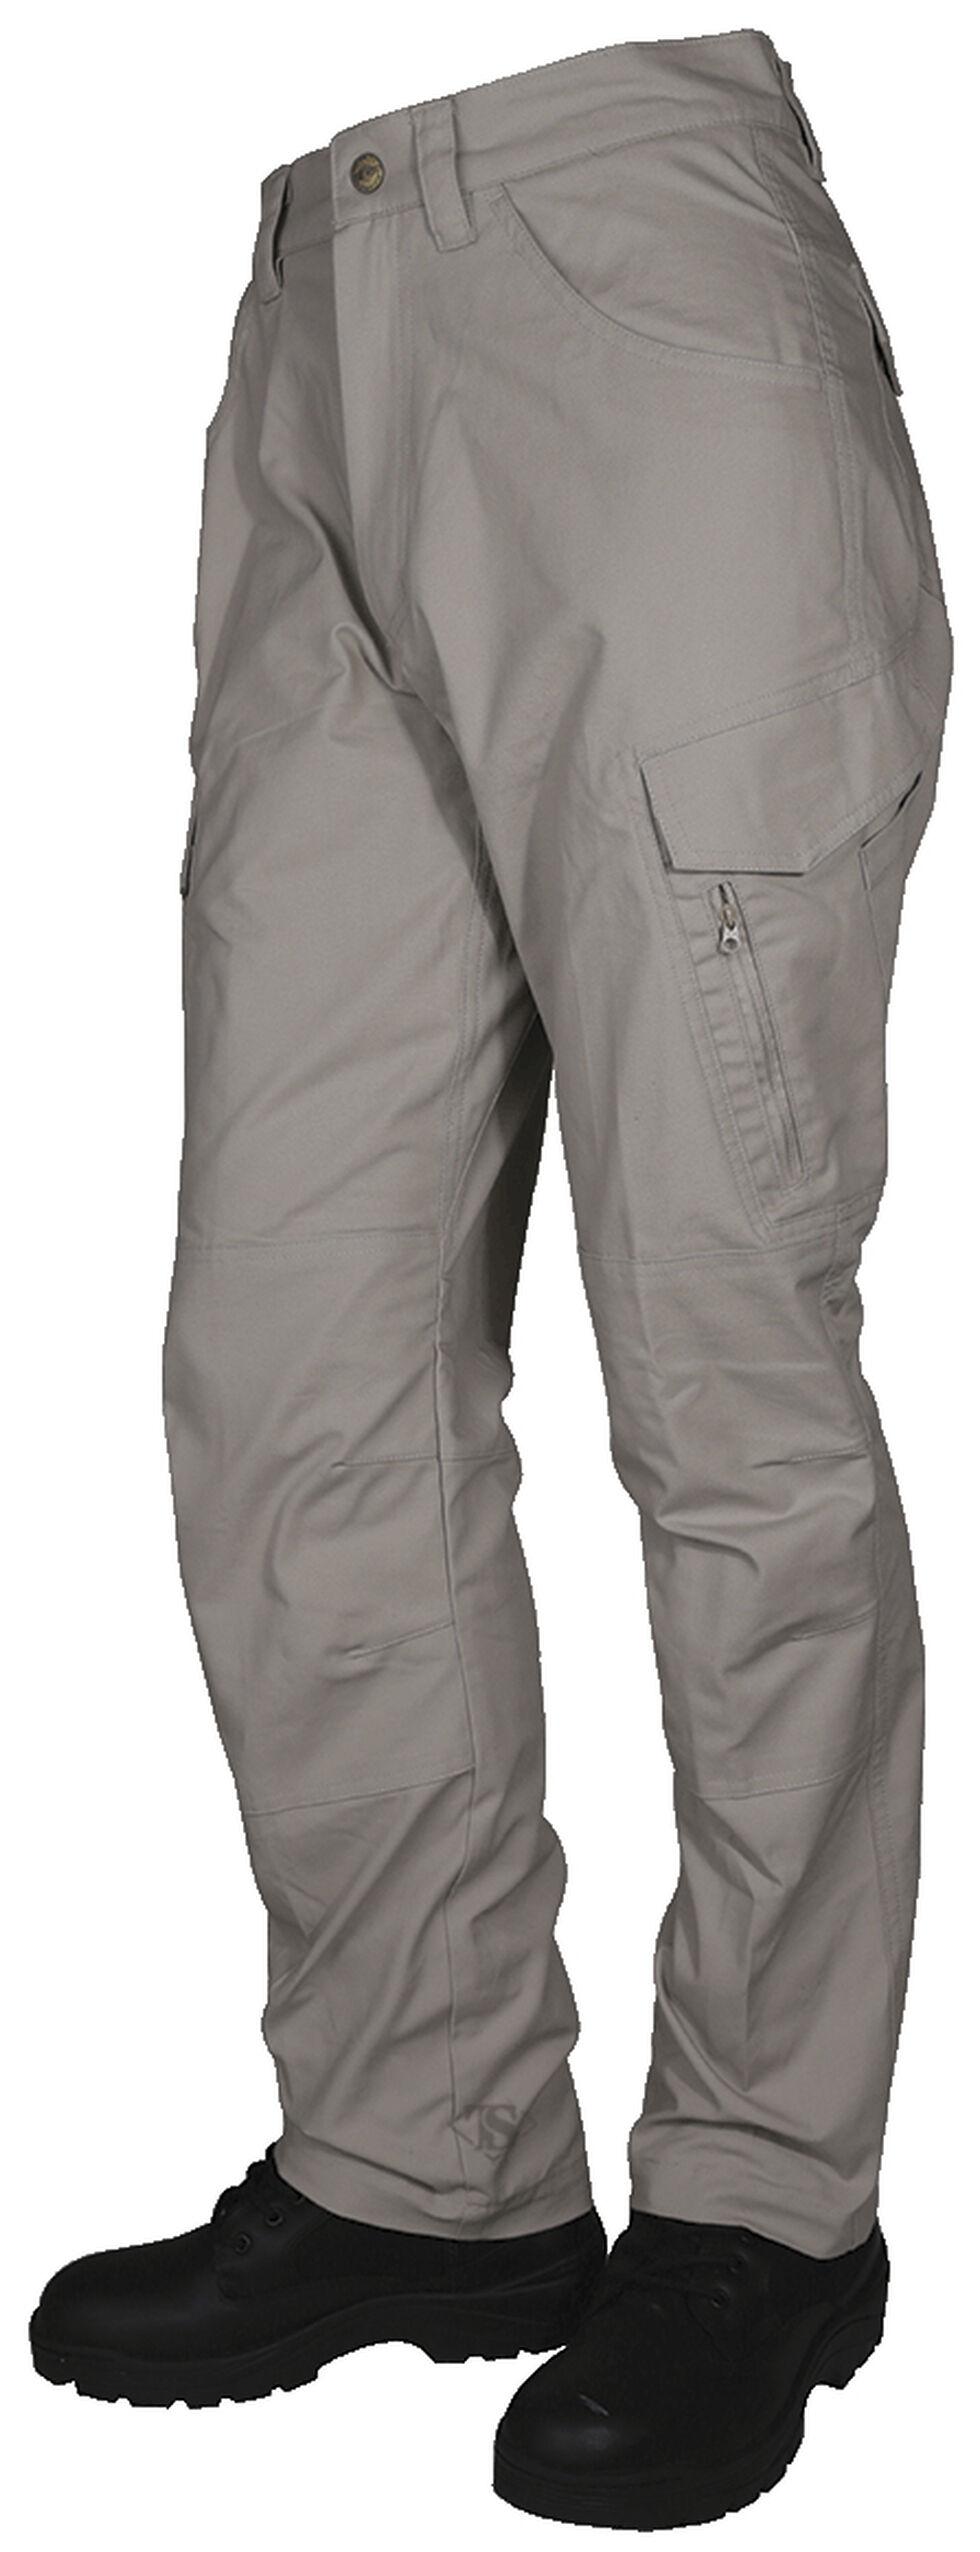 Tru-Spec Men's Khaki 24-7 Delta Pants , Beige, hi-res